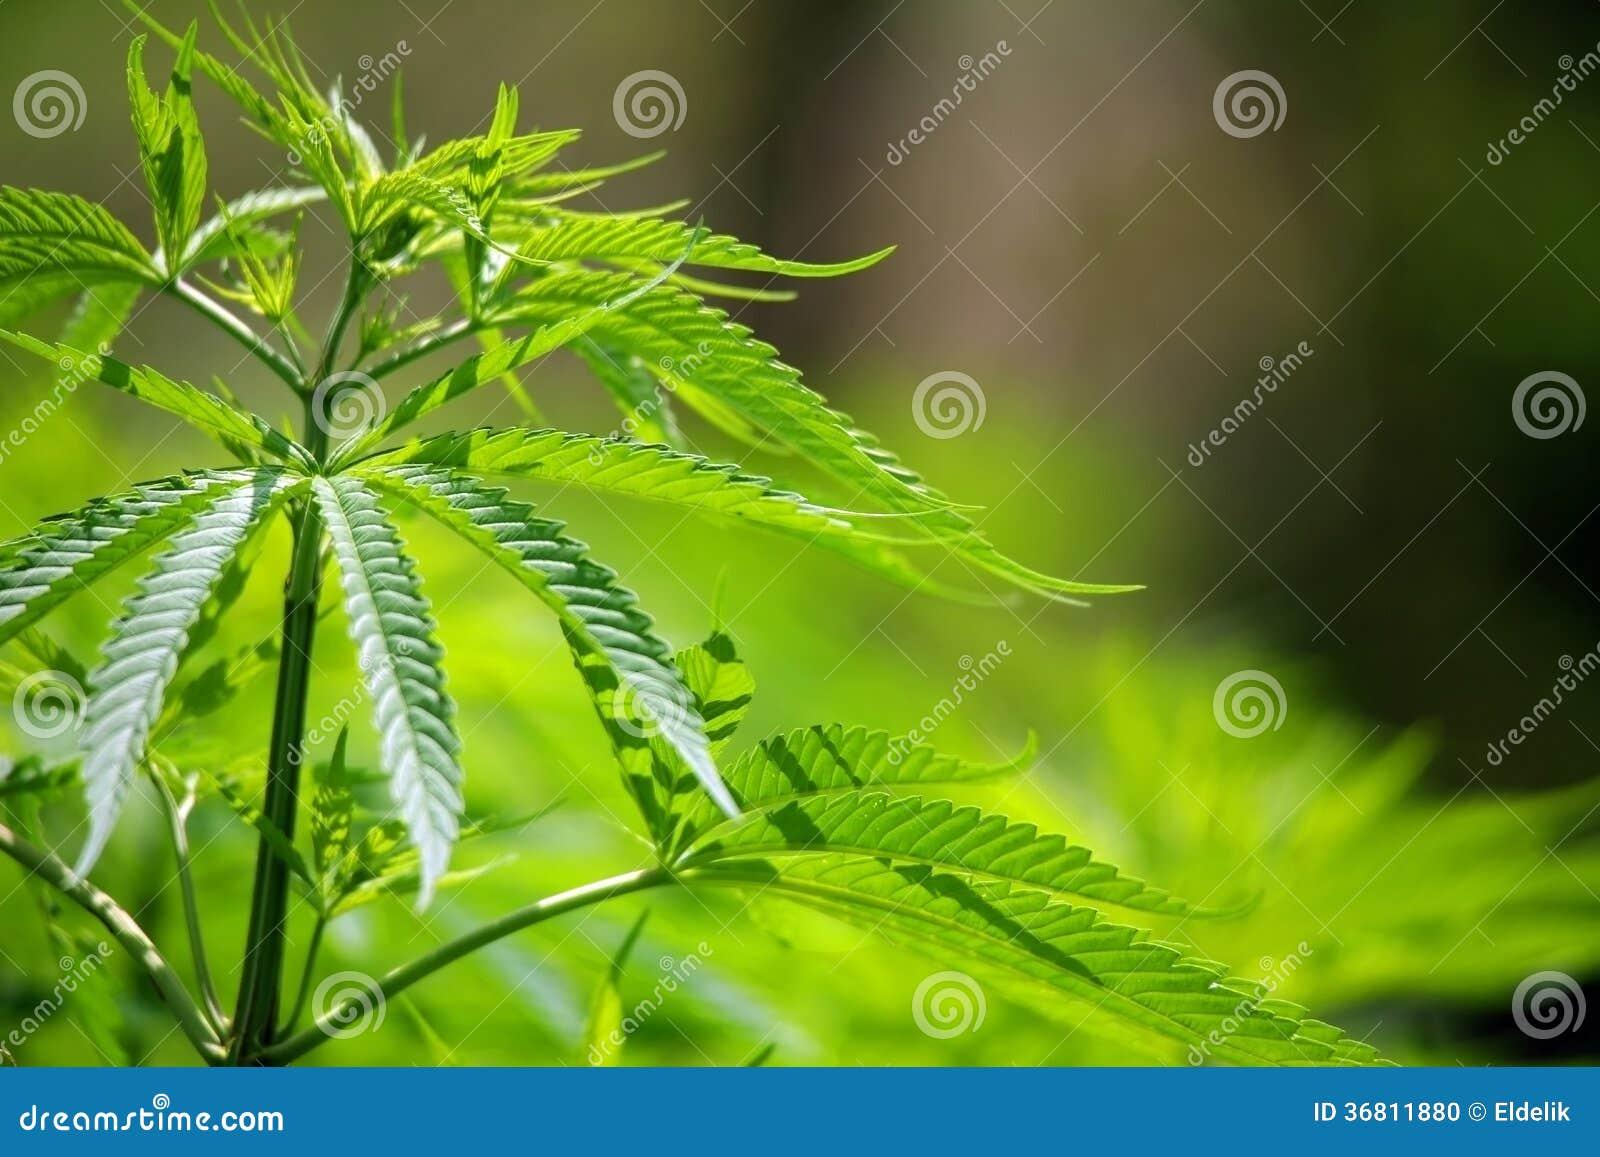 Катманду марихуана конопля мое смотреть